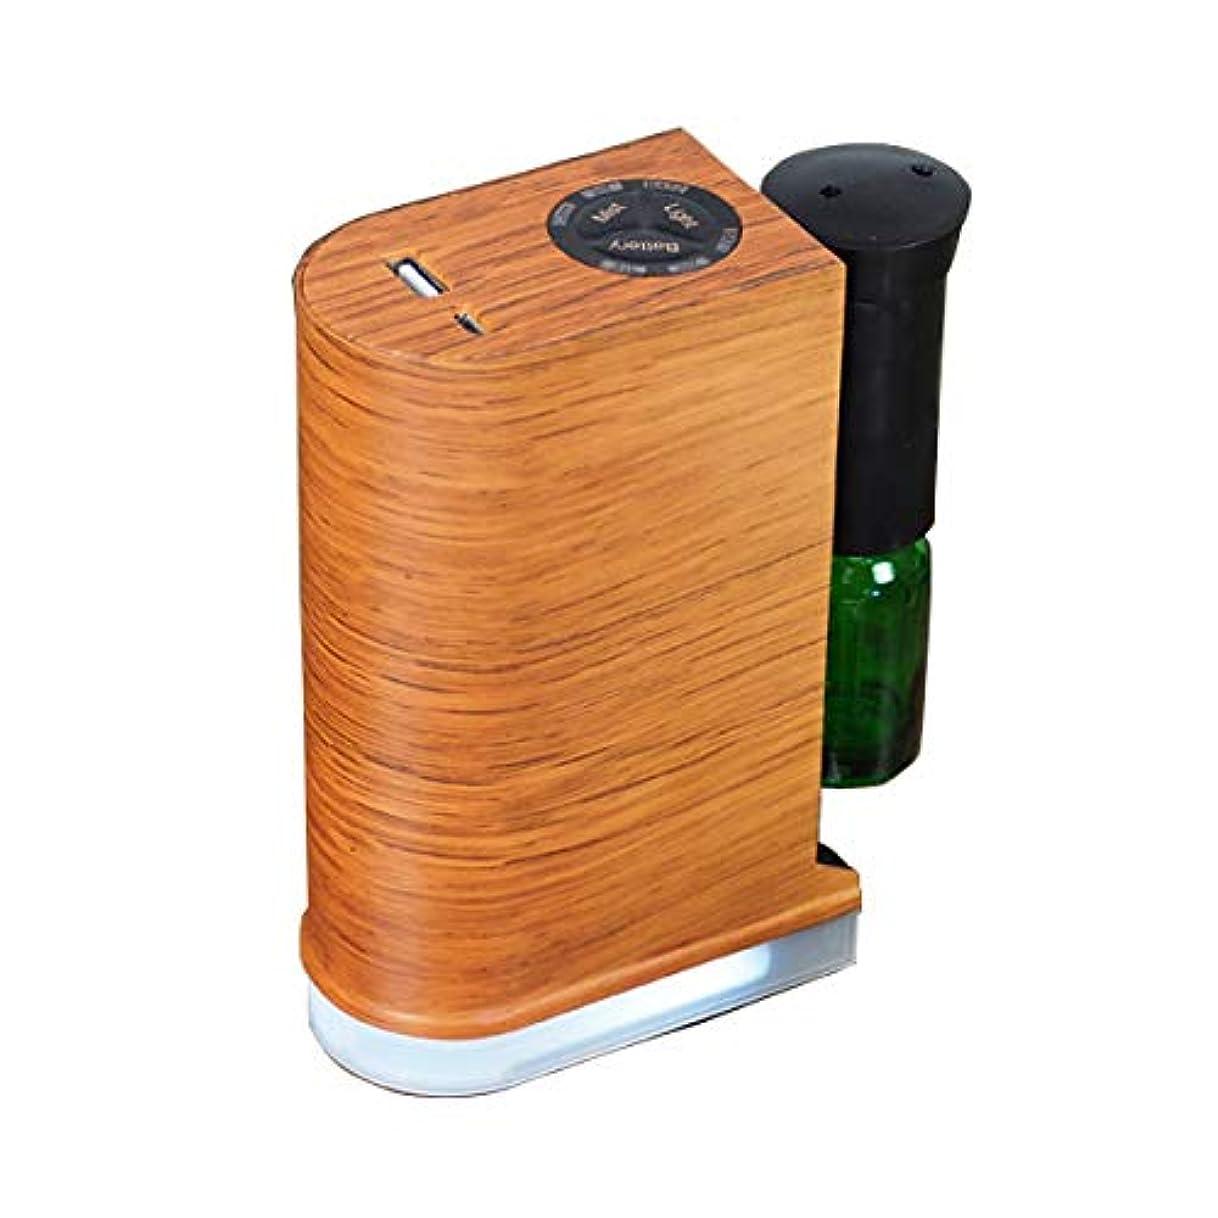 アロマデュフューザー 水を使わない ネブライザー式アロマディフューザー LED搭載 アロマオイル 精油 アロマ芳香 (ブラウン)